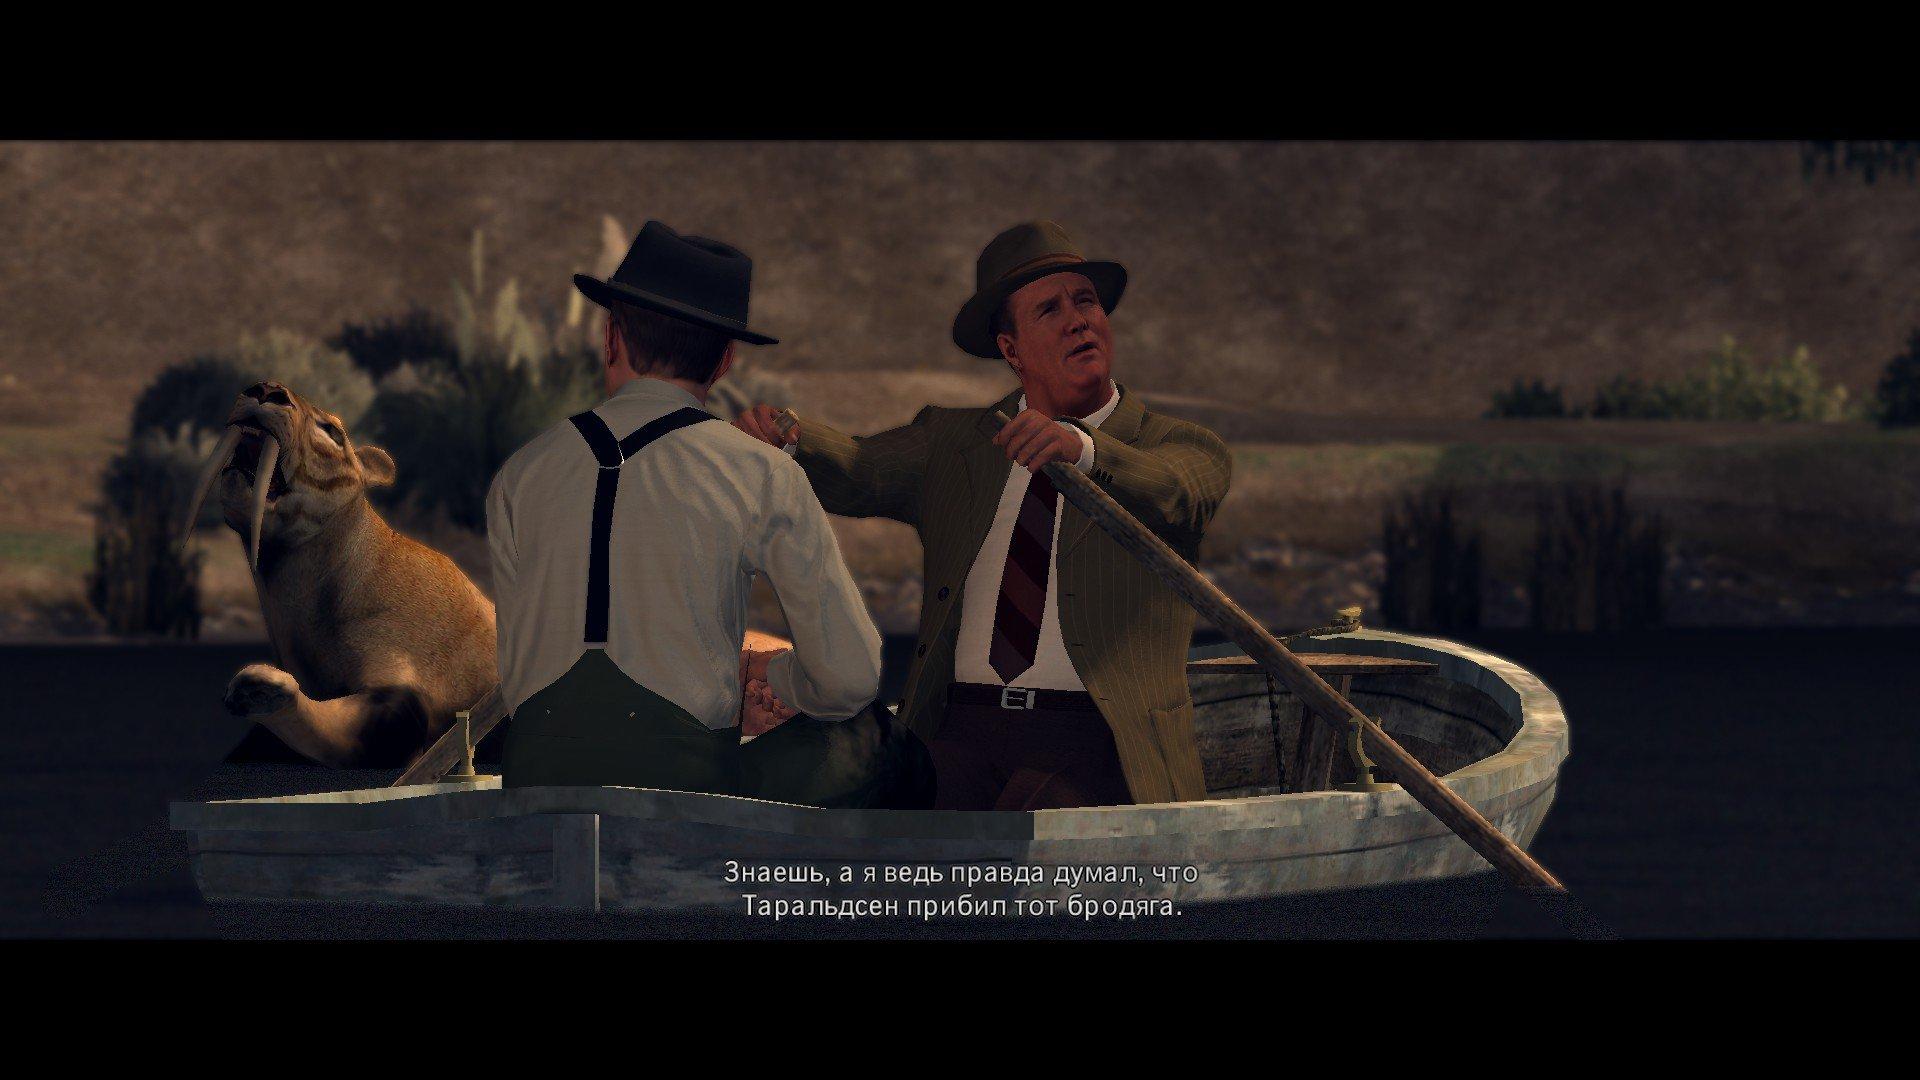 Пост-прохождение L.A. Noire Часть 13 - Изображение 33